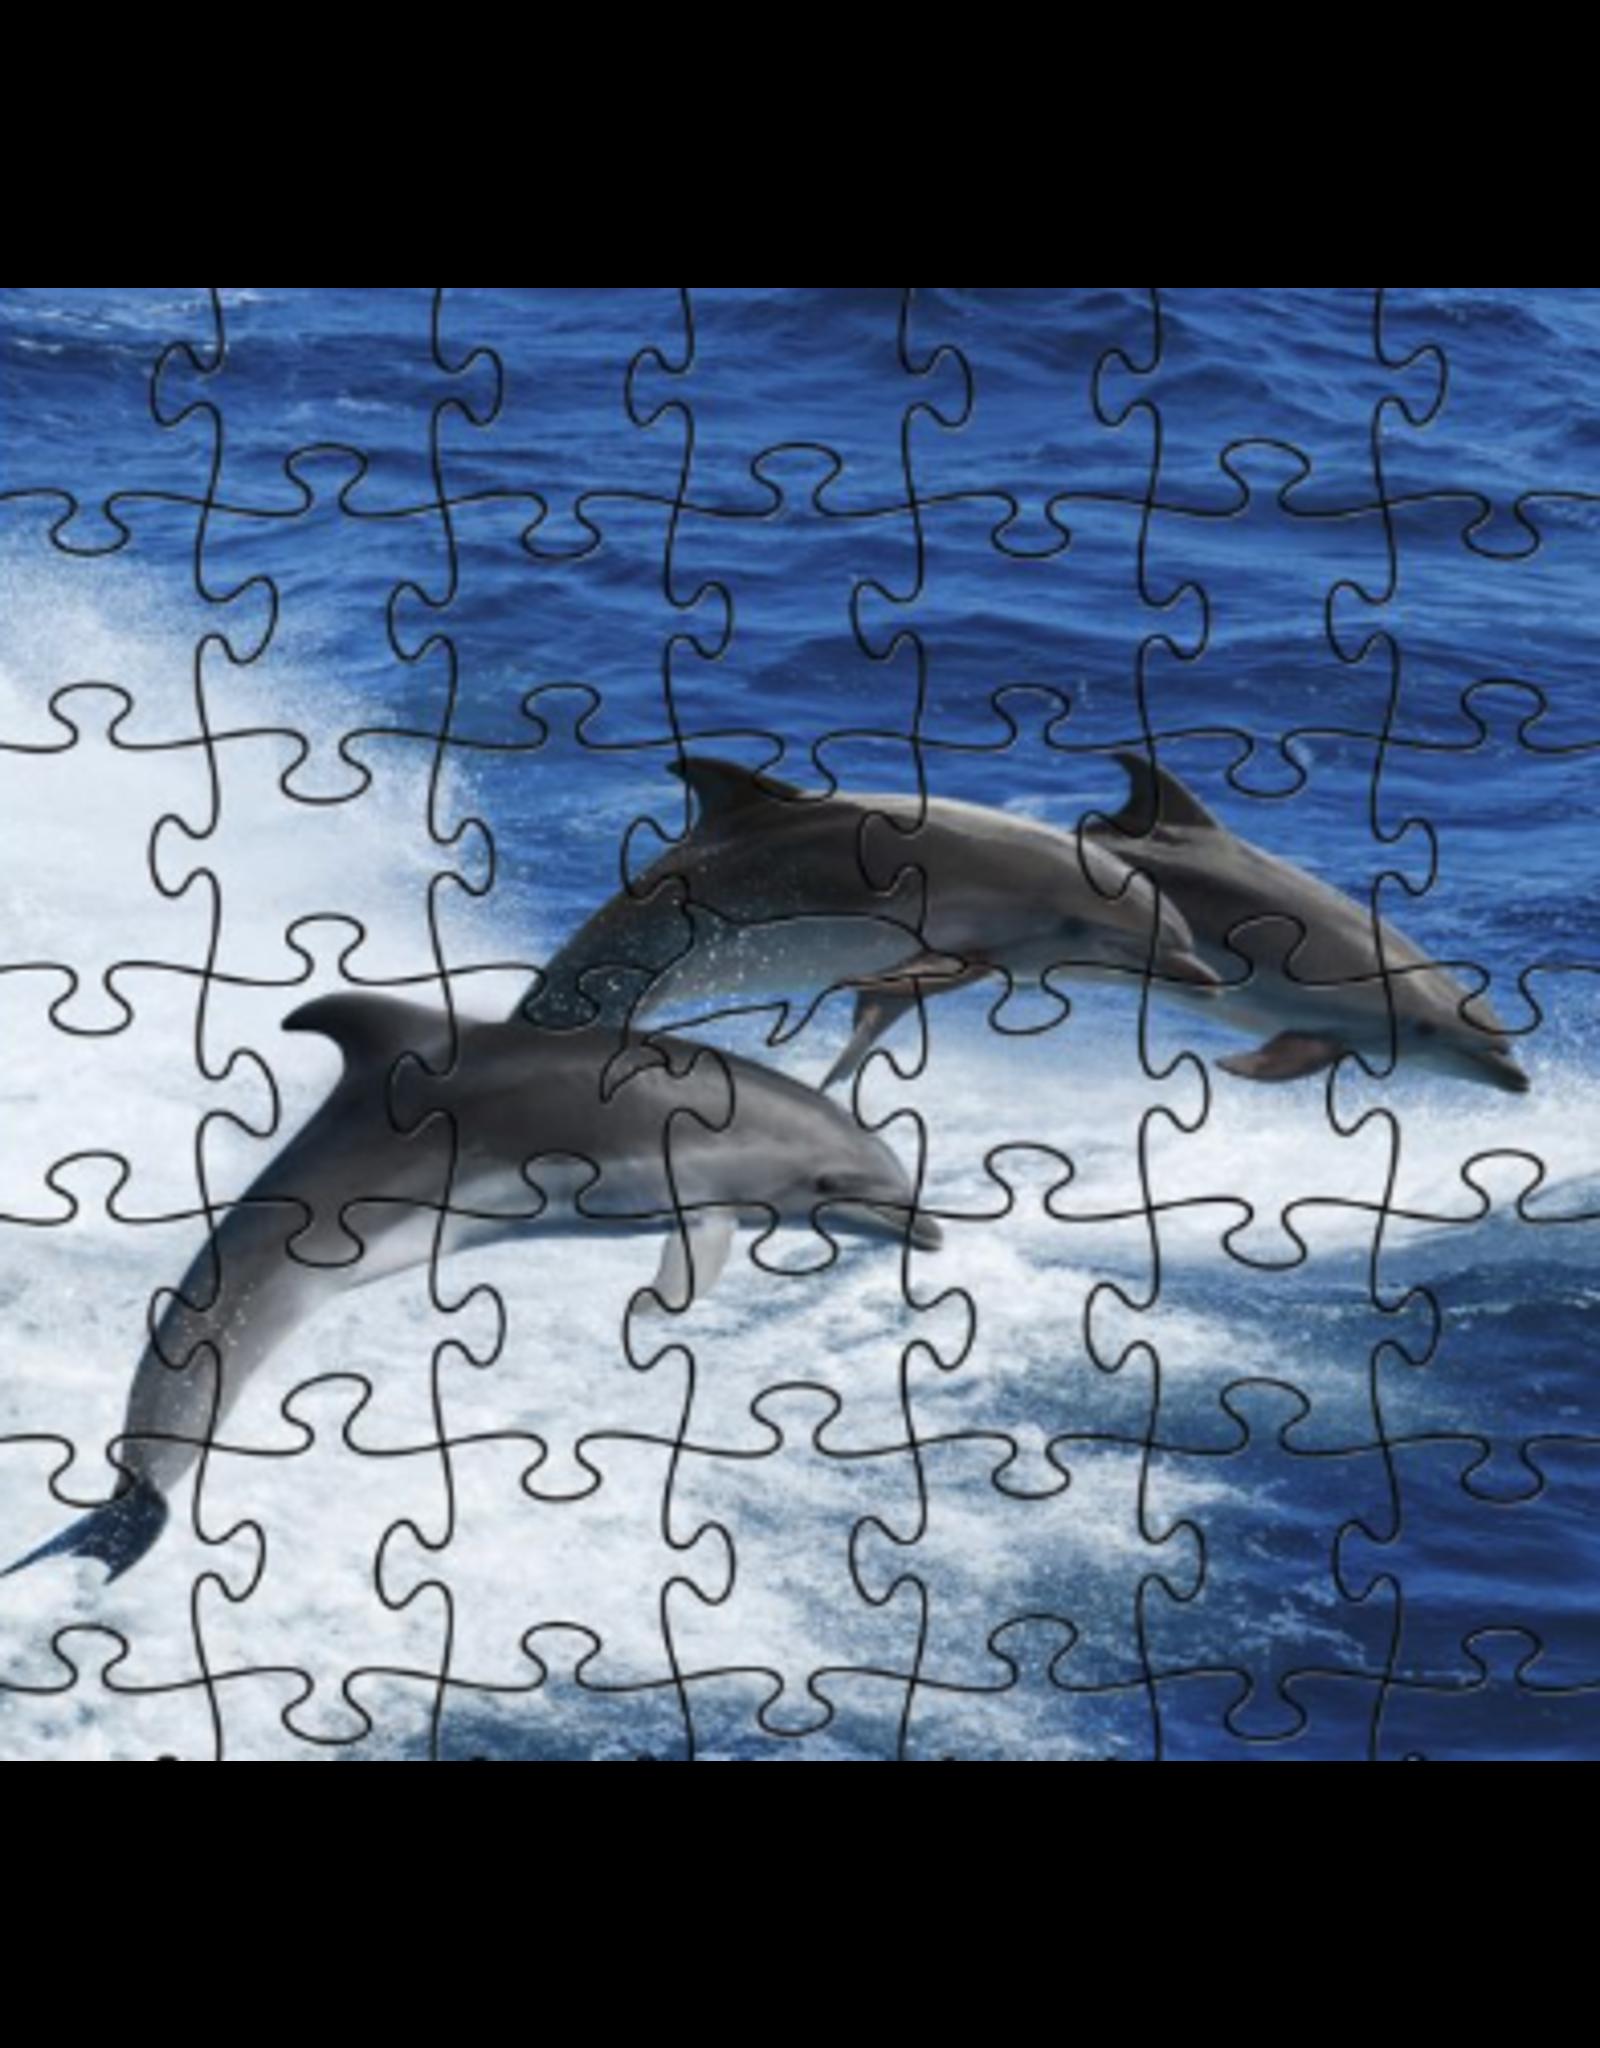 Zen Art & Design Dolphins (Teaser, 50 Pieces, ZEN Wooden Jigsaw Puzzle)